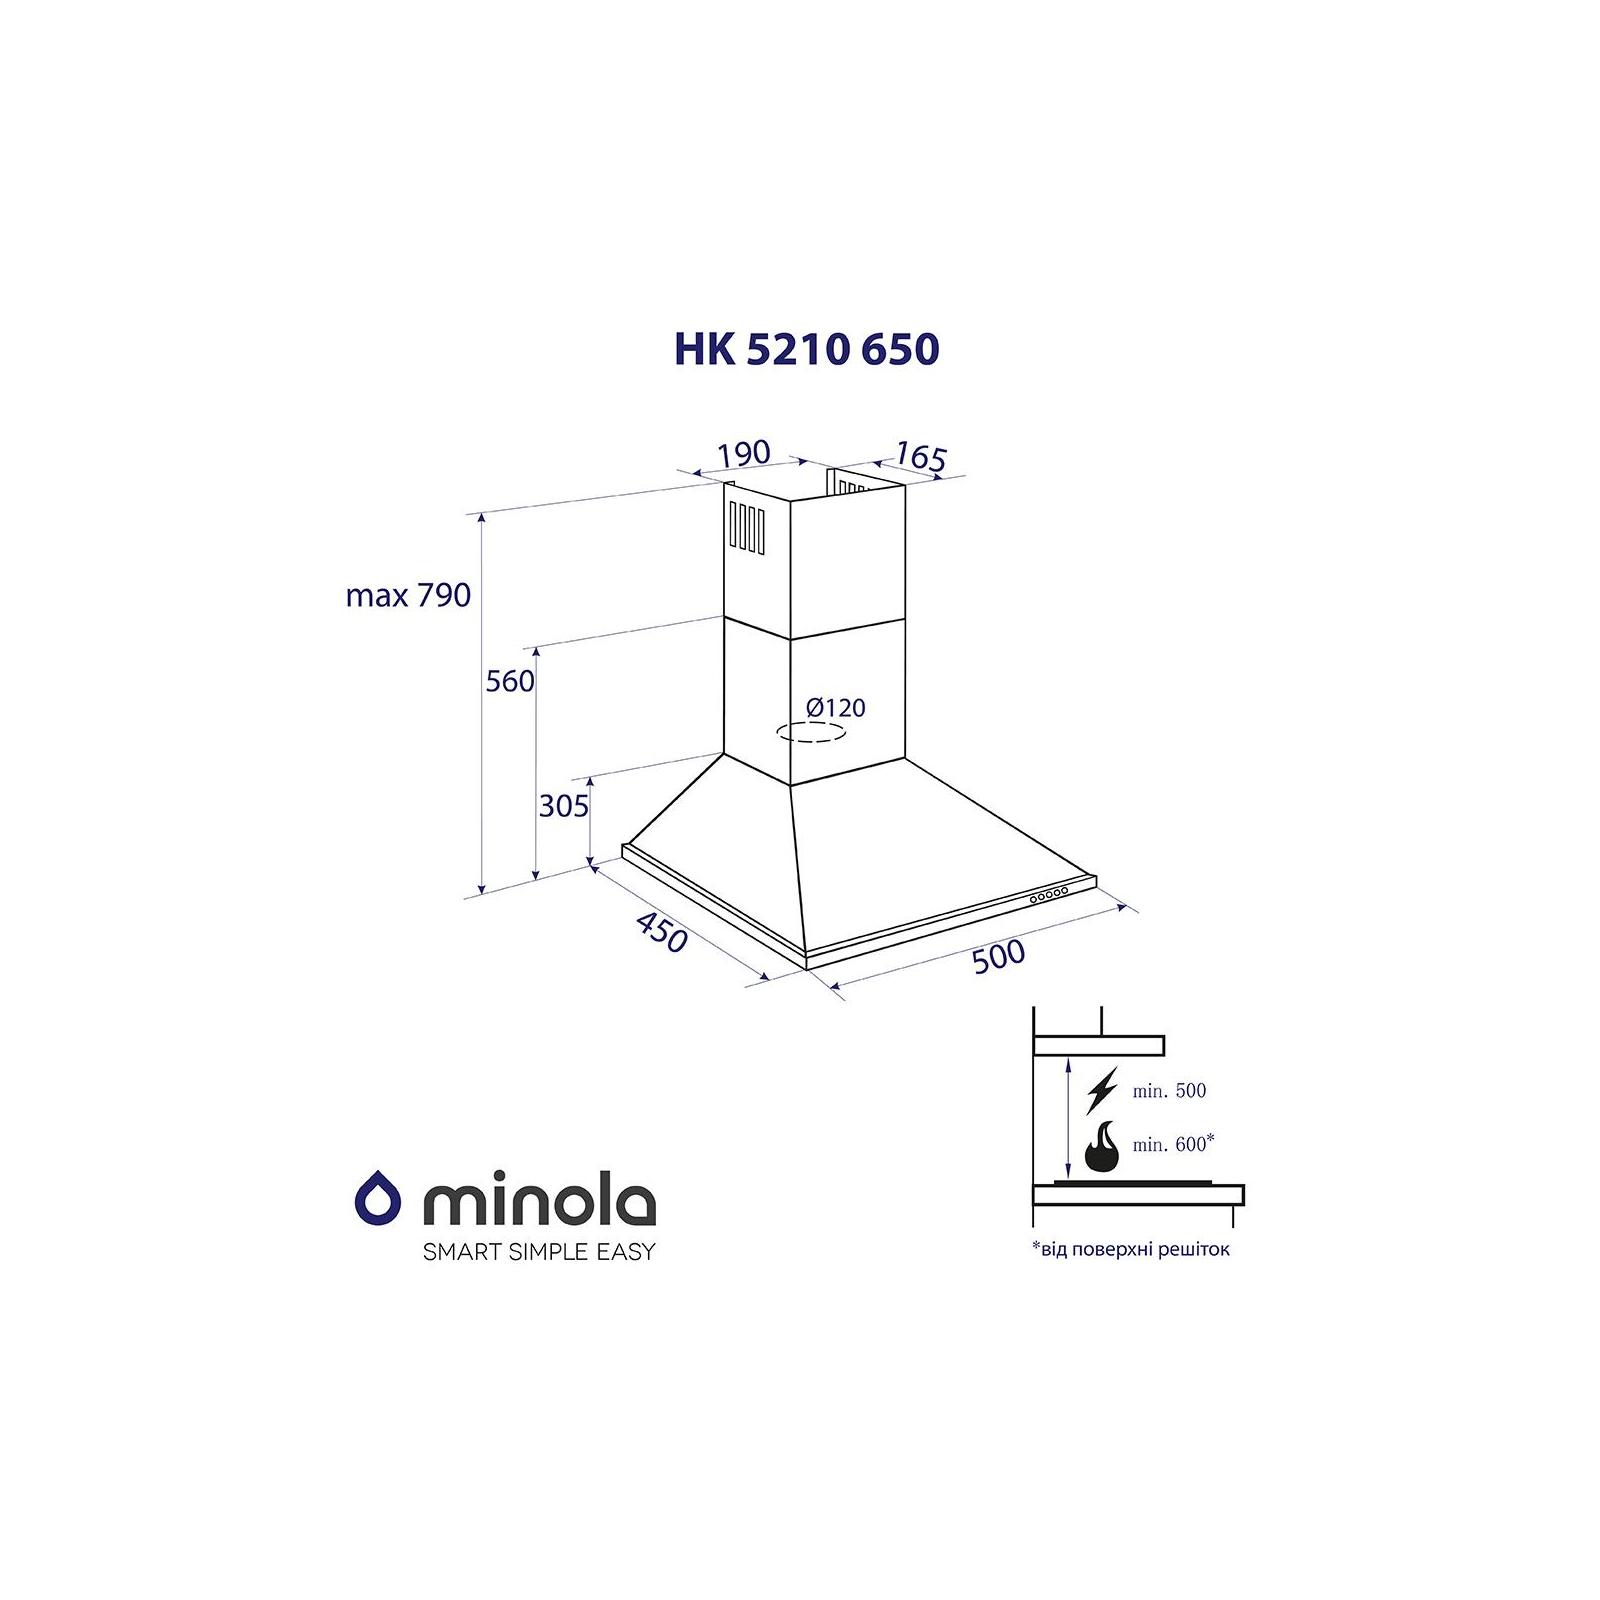 Вытяжка кухонная MINOLA HK 5210 I 650 изображение 9